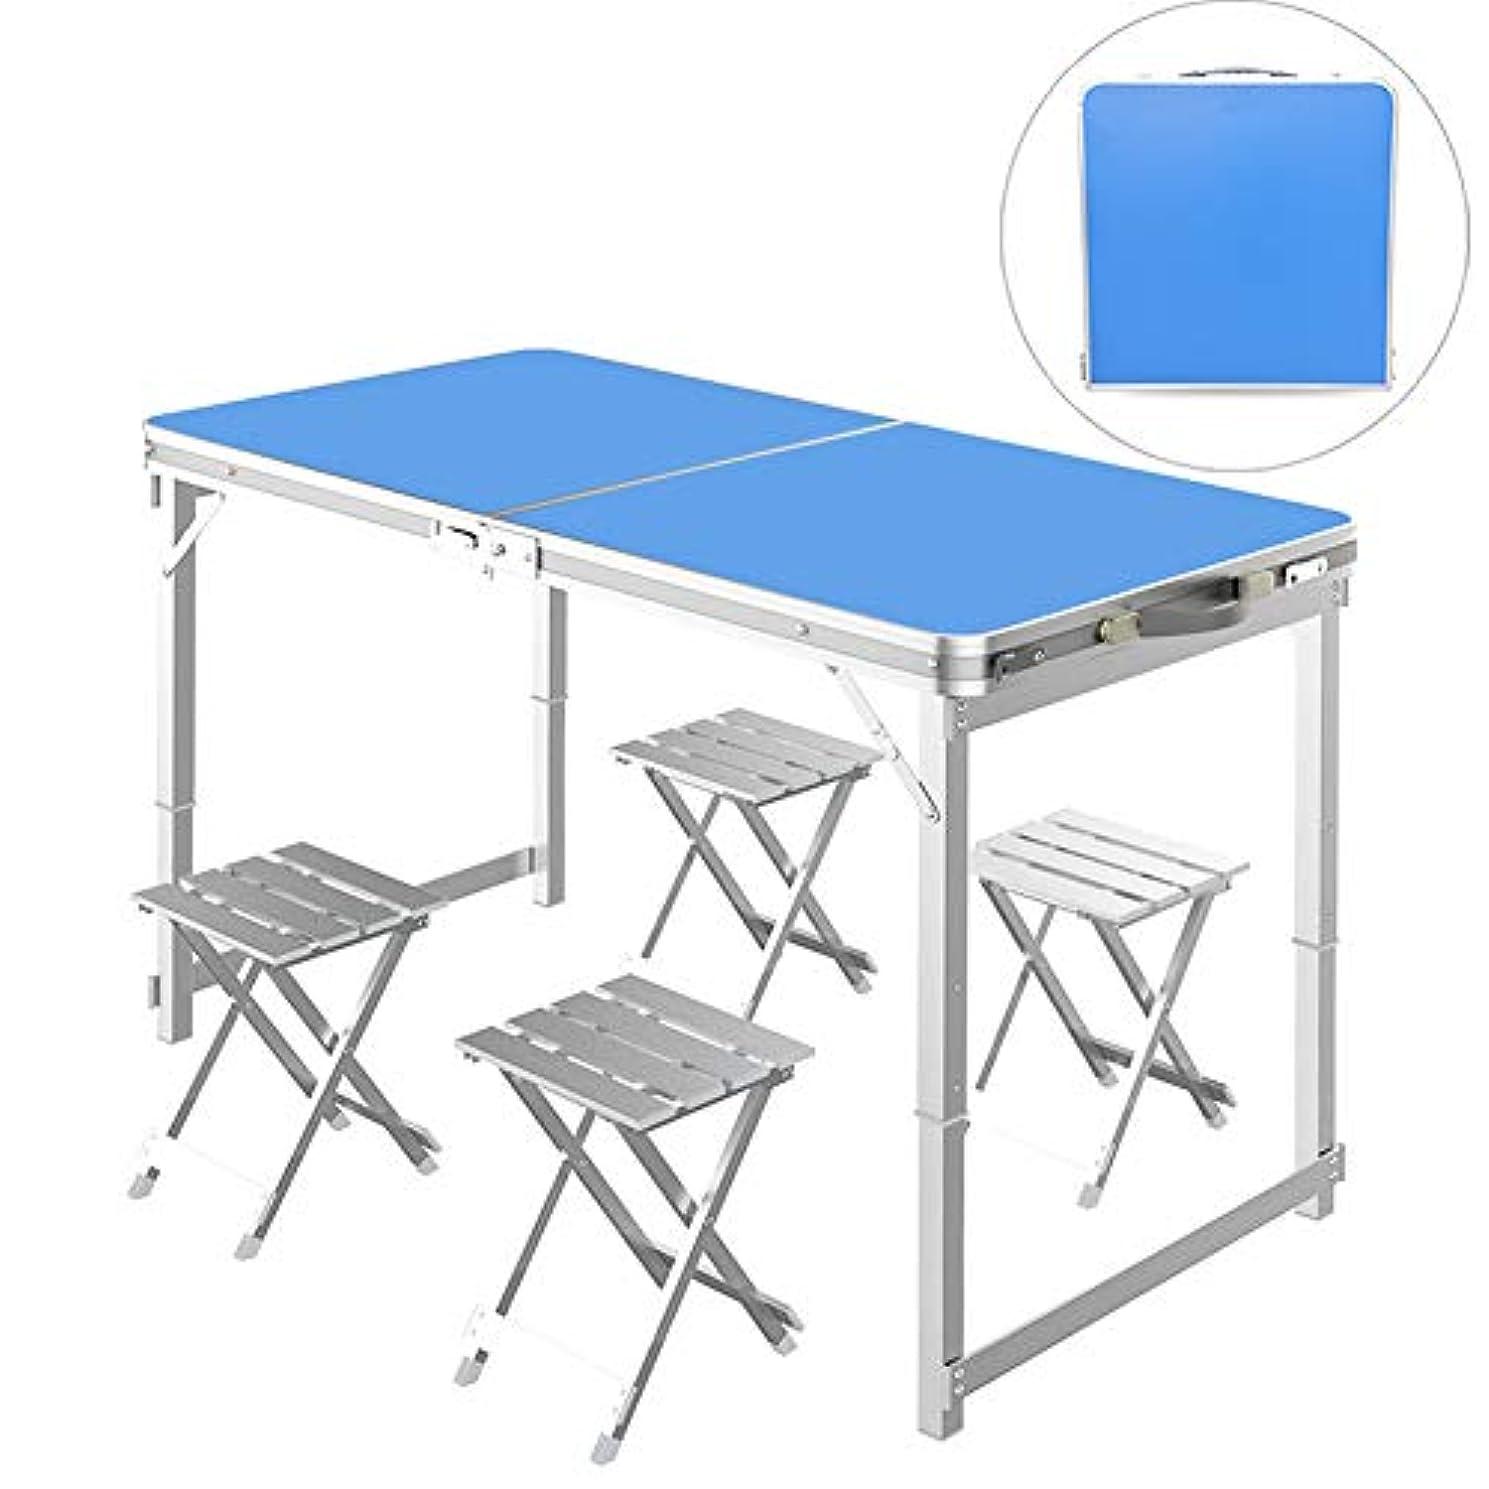 ポスト印象派ブランド協同キャンプ テーブル アルミ コンパクト 金属の腰掛け、調節可能な高さの携帯用キャンプテーブルおよび椅子が付いているアルミニウム折るテーブル、丈夫な軽量